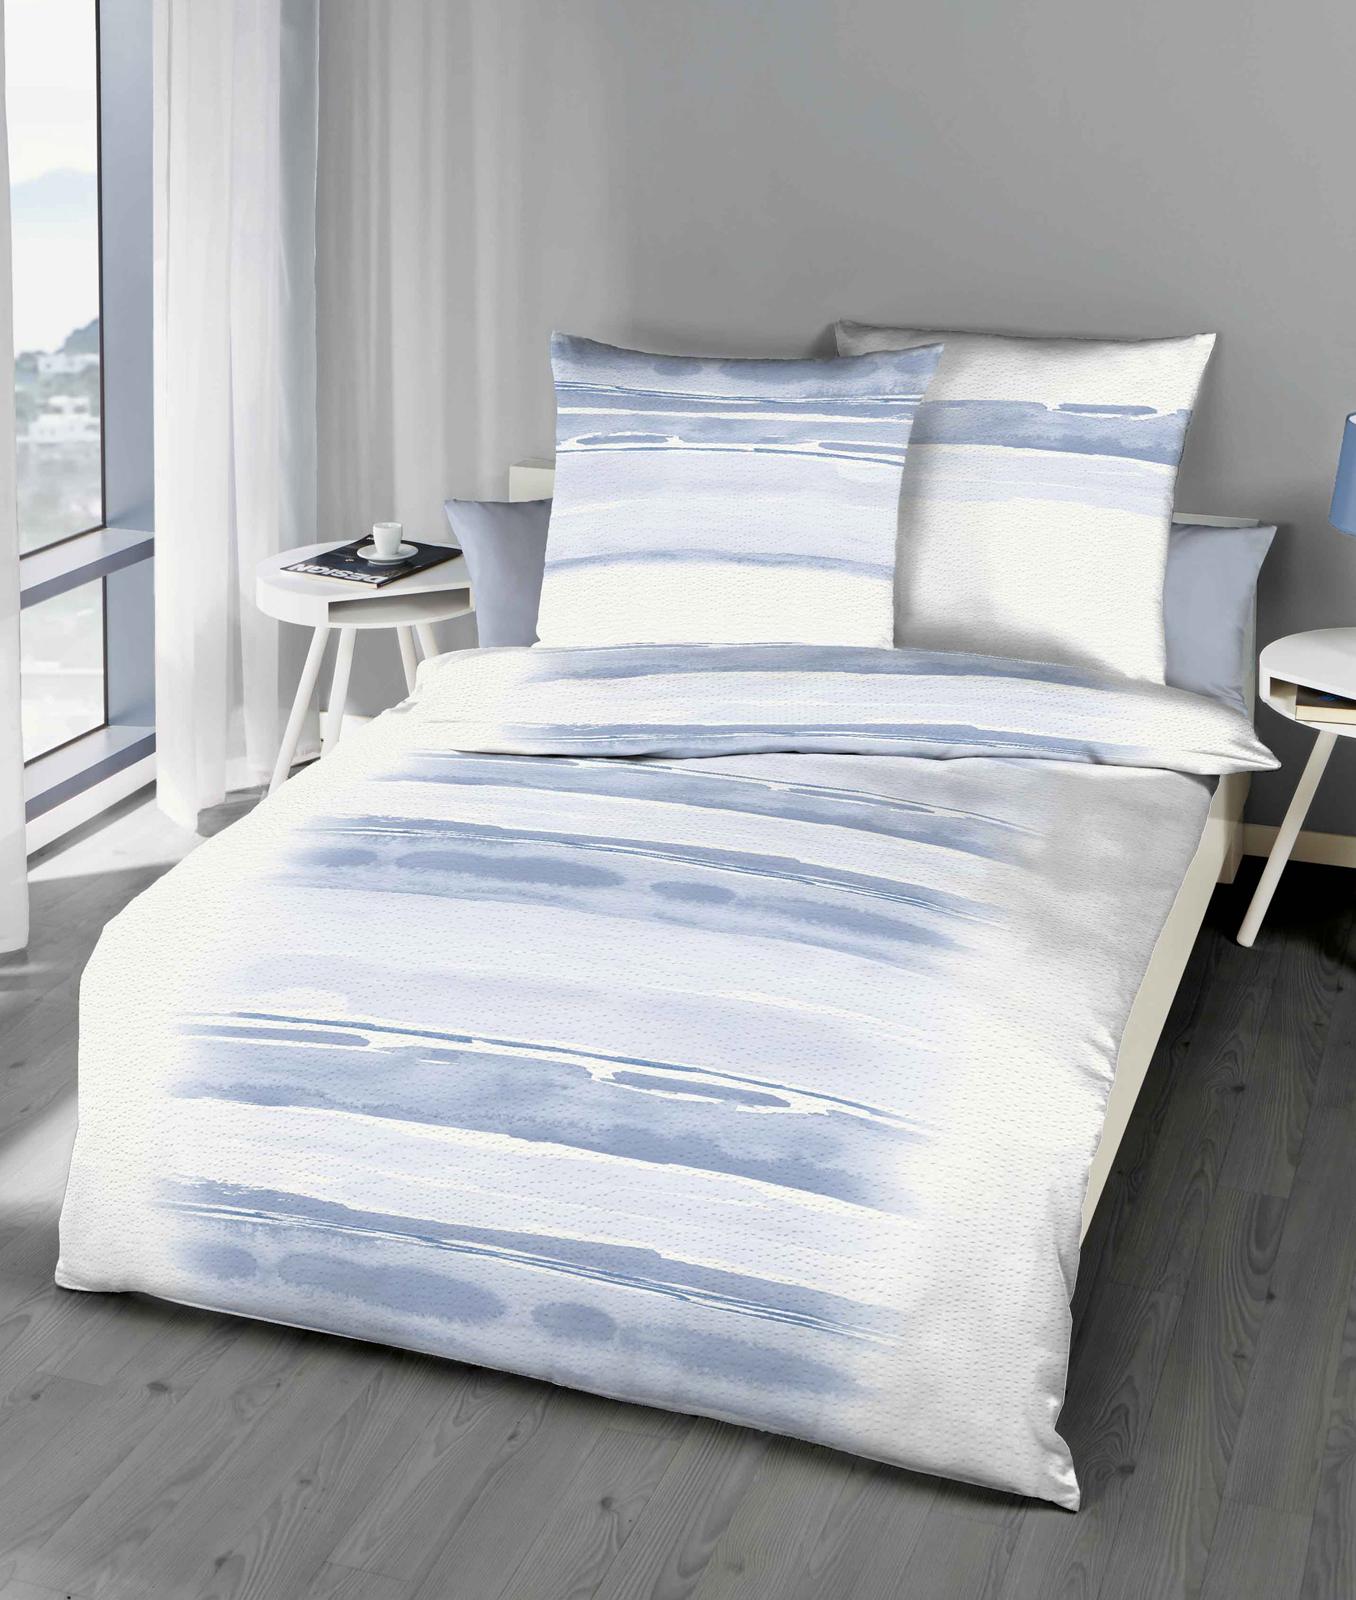 Bettwäsche - Kaeppel Seersucker Bettwäsche 135x200 80x80 Blend 775 431 blau Aufbwahrungsbeutel  - Onlineshop PremiumShop321